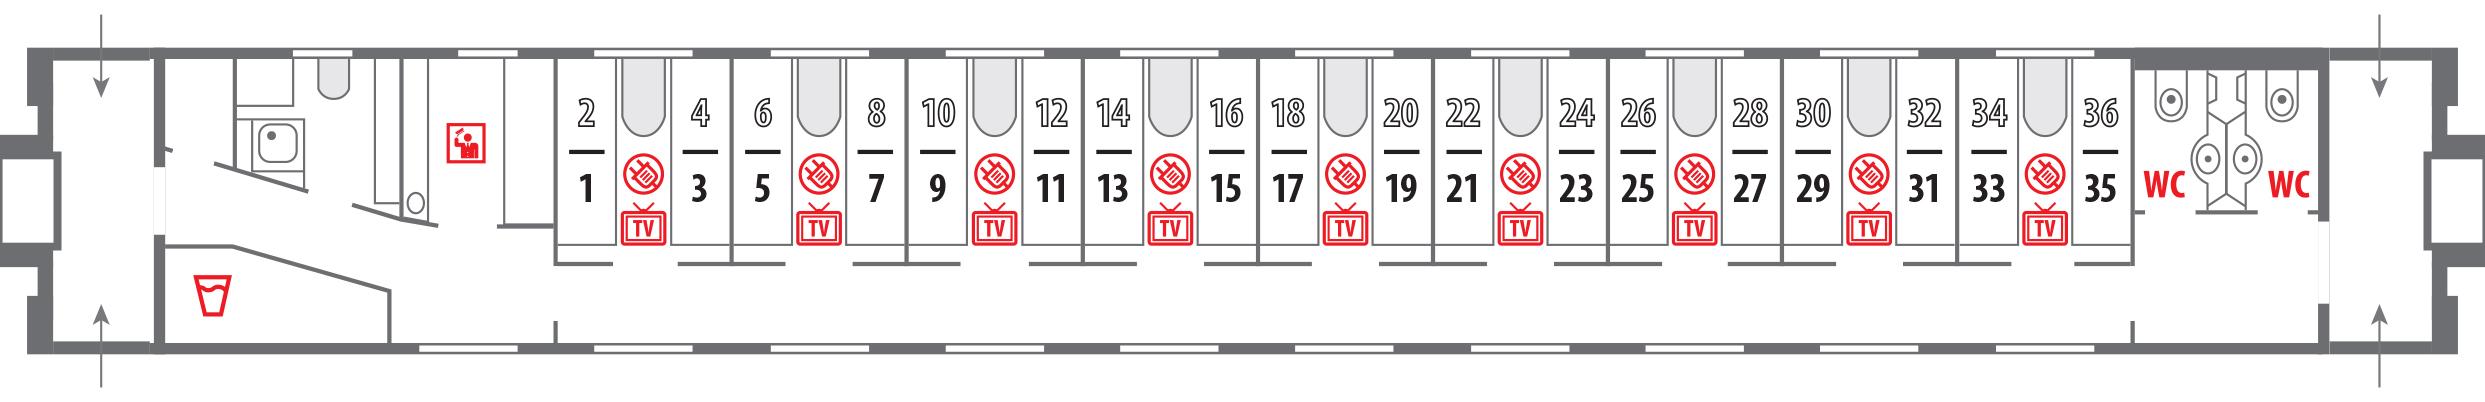 Поезд 102 схема вагонов 220